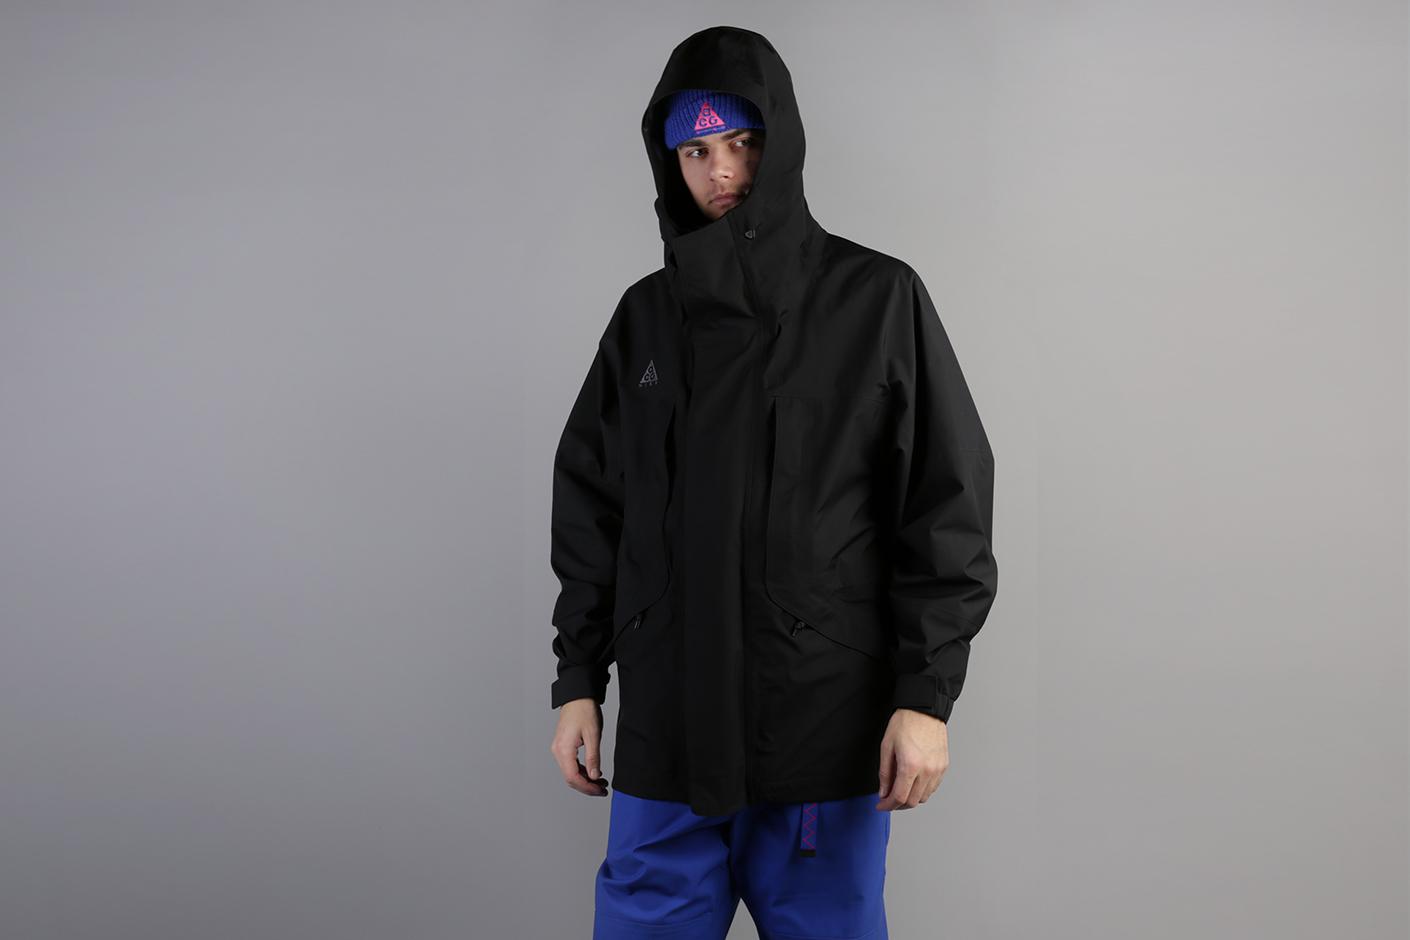 09c8b6f8 Чёрная мужская куртка ACG Gore-Tex Hooded от Nike (BQ3445-010) по ...